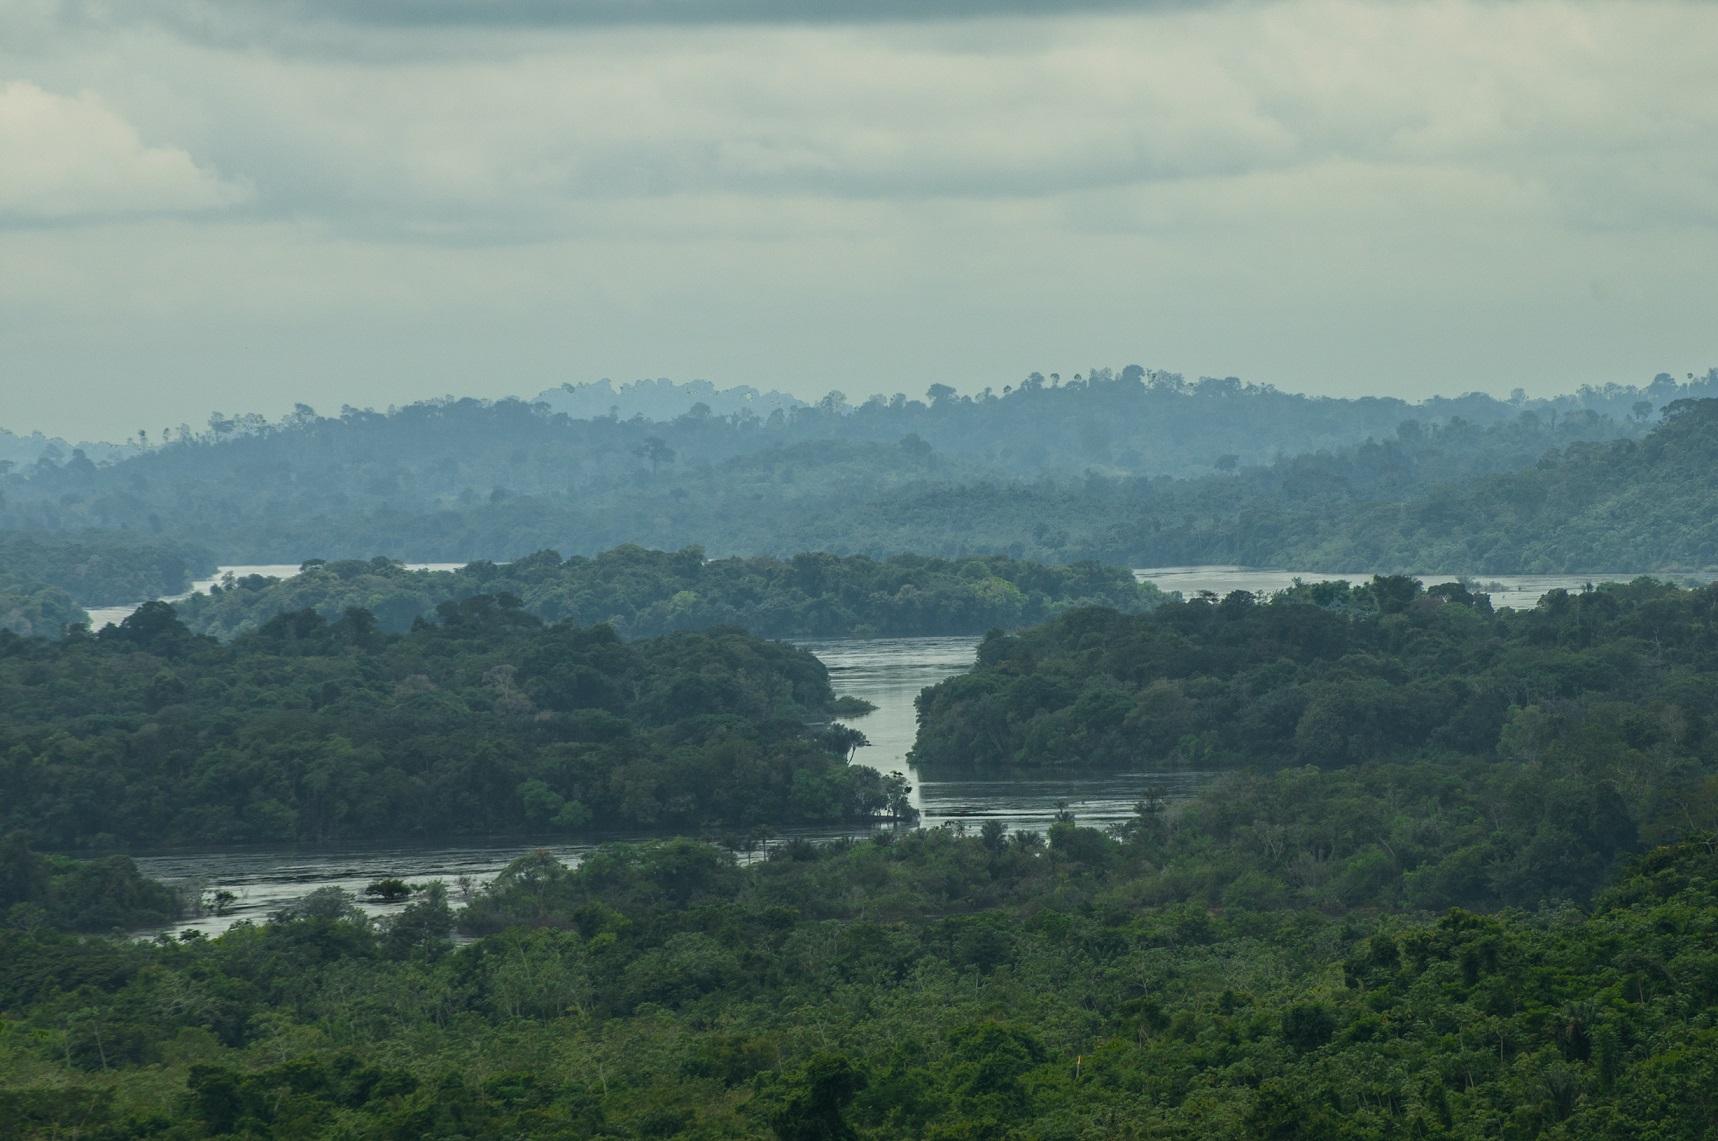 A perder de vista: é gigantesca a área de propriedade da mineradora Belo Sun (Foto André Teixeira)